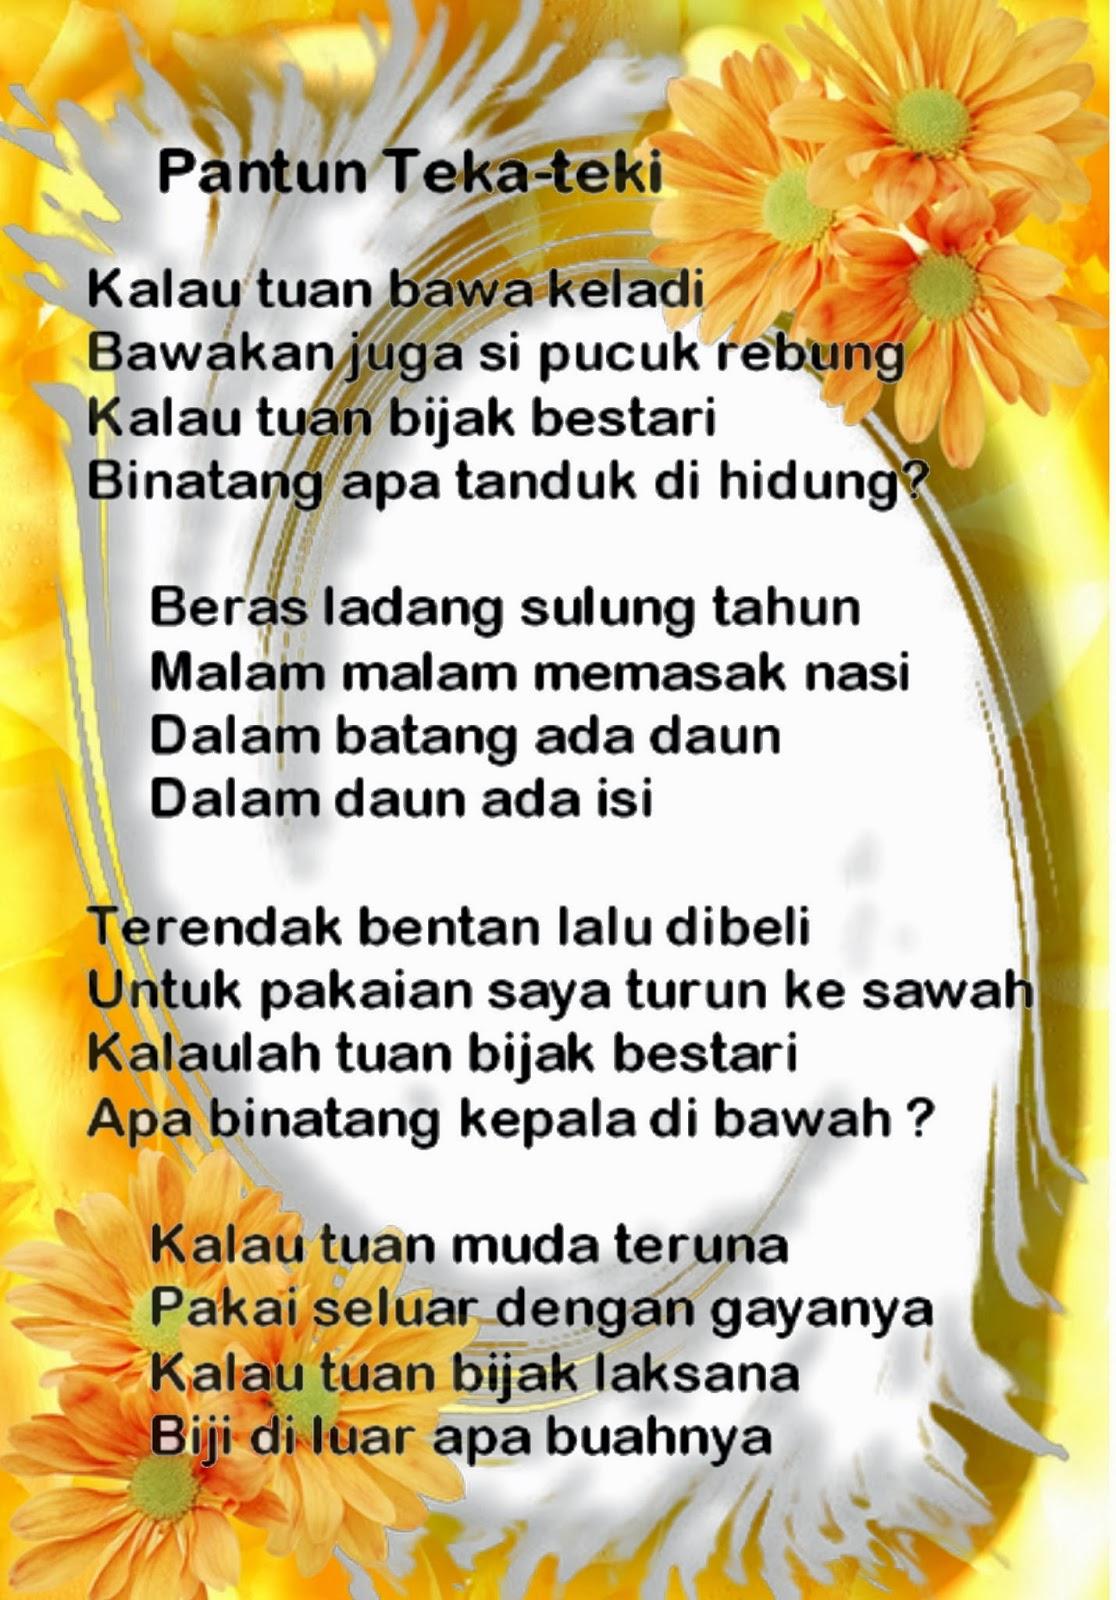 Pantun Sunda Pendidikan Kecapian Wikipedia Bahasa Indonesia Ensiklopedia Bebas Belajar Kurikulum 2013 Pantun Dan Syair